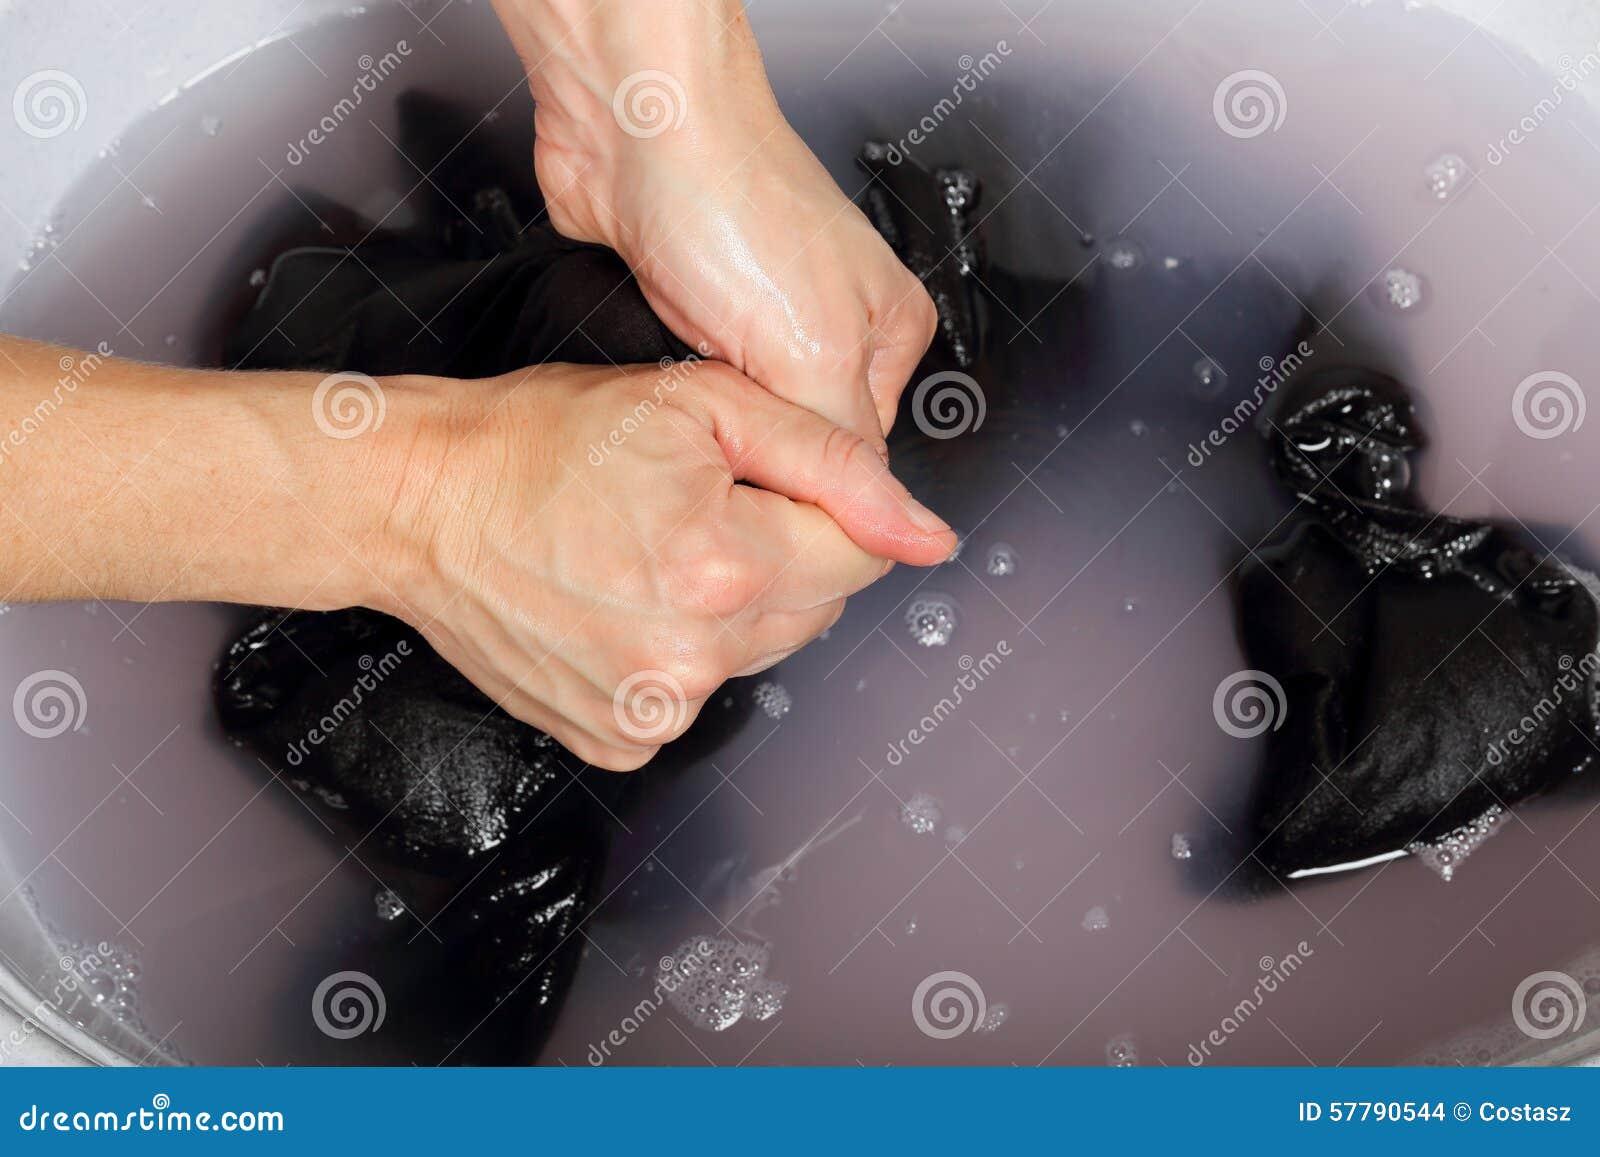 Washing Clothes Stock Photo - Image: 57790544